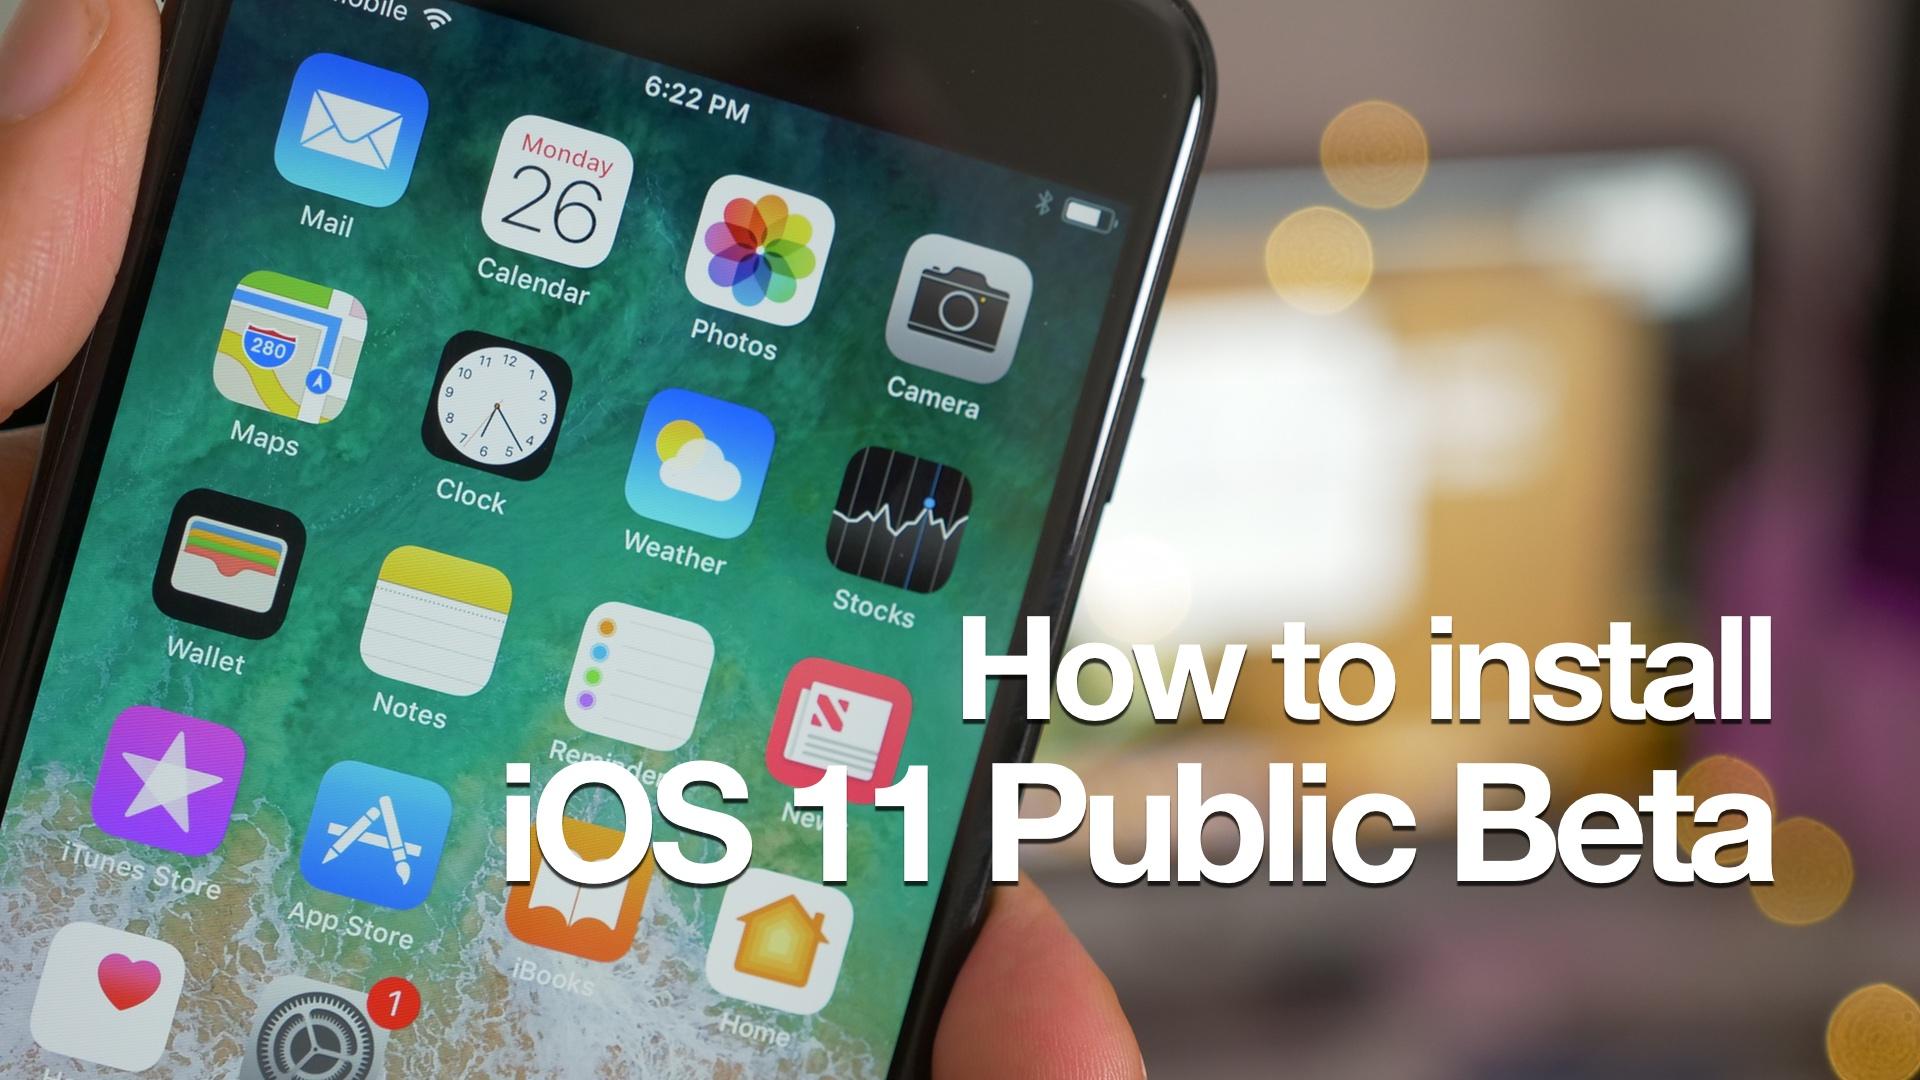 iphone 6s ios 11